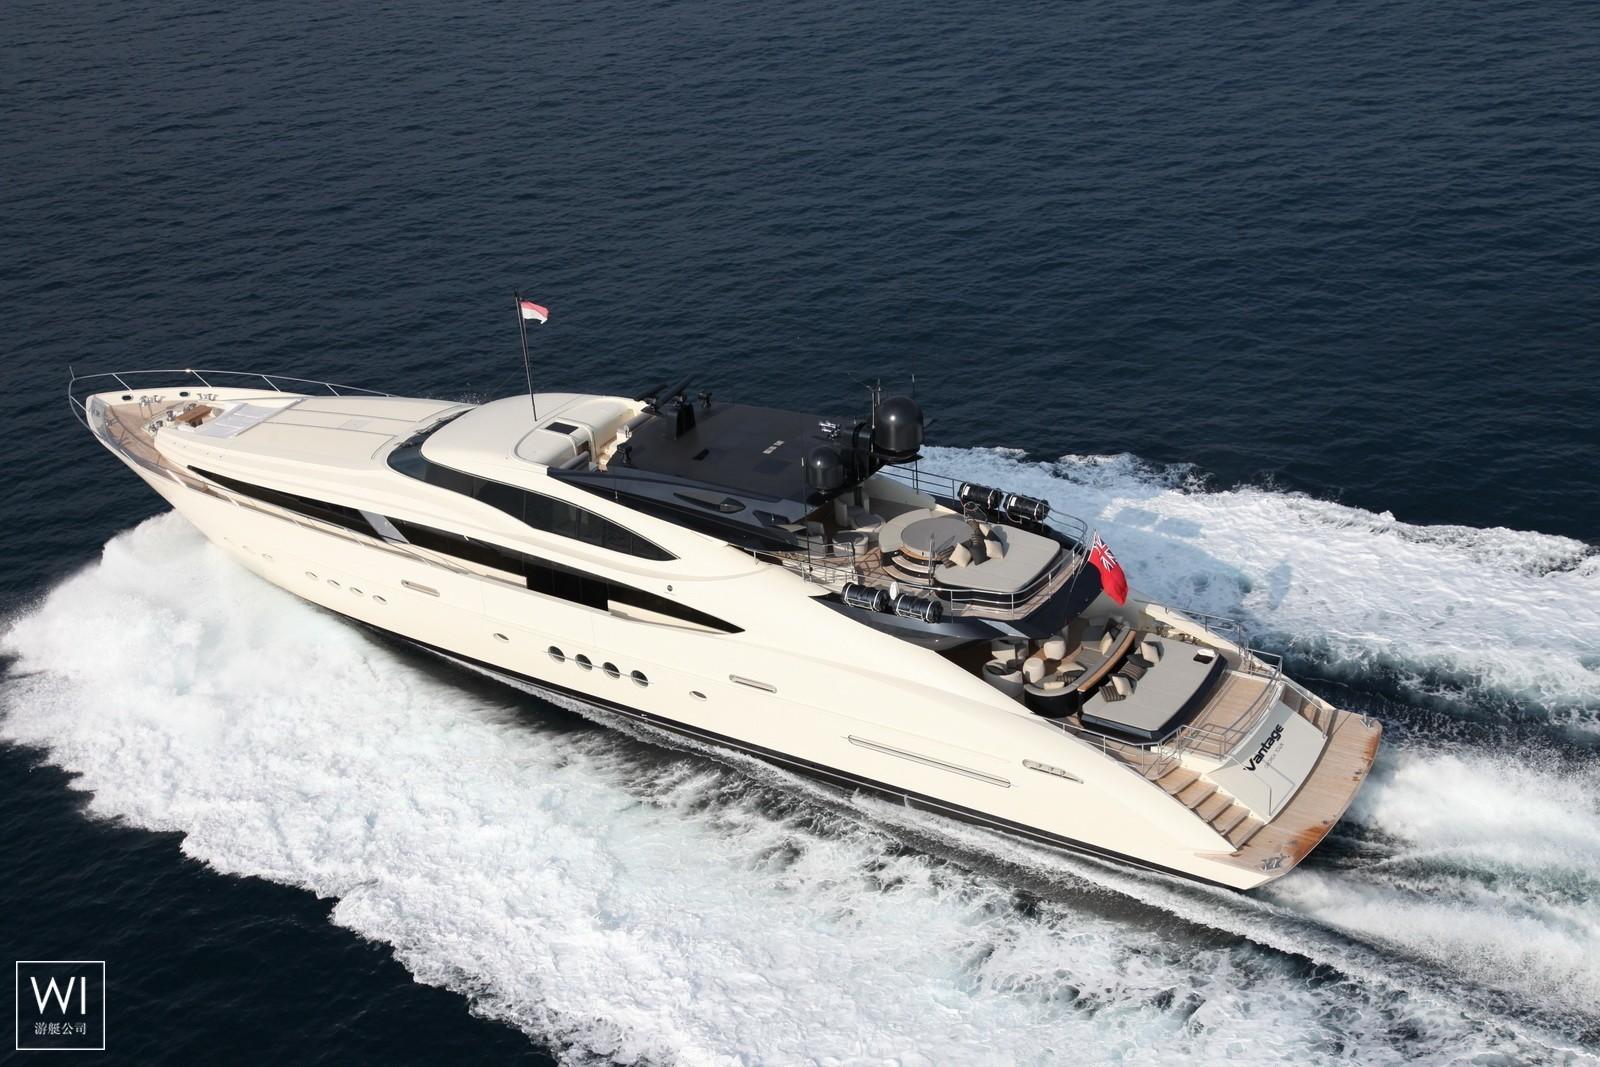 Vantage Palmer Johnson Yacht 46M